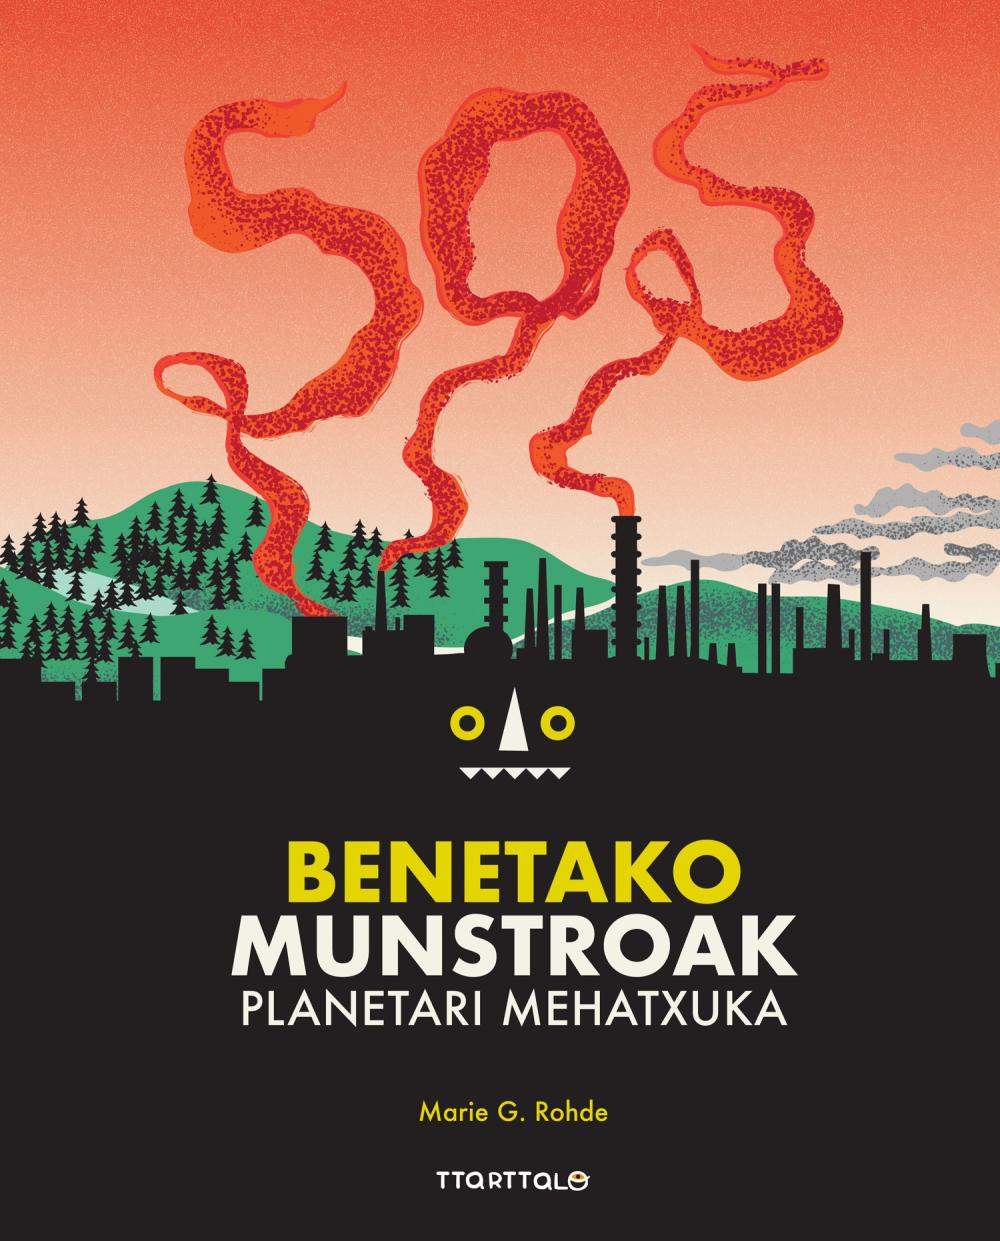 SOS Benetako munstroak